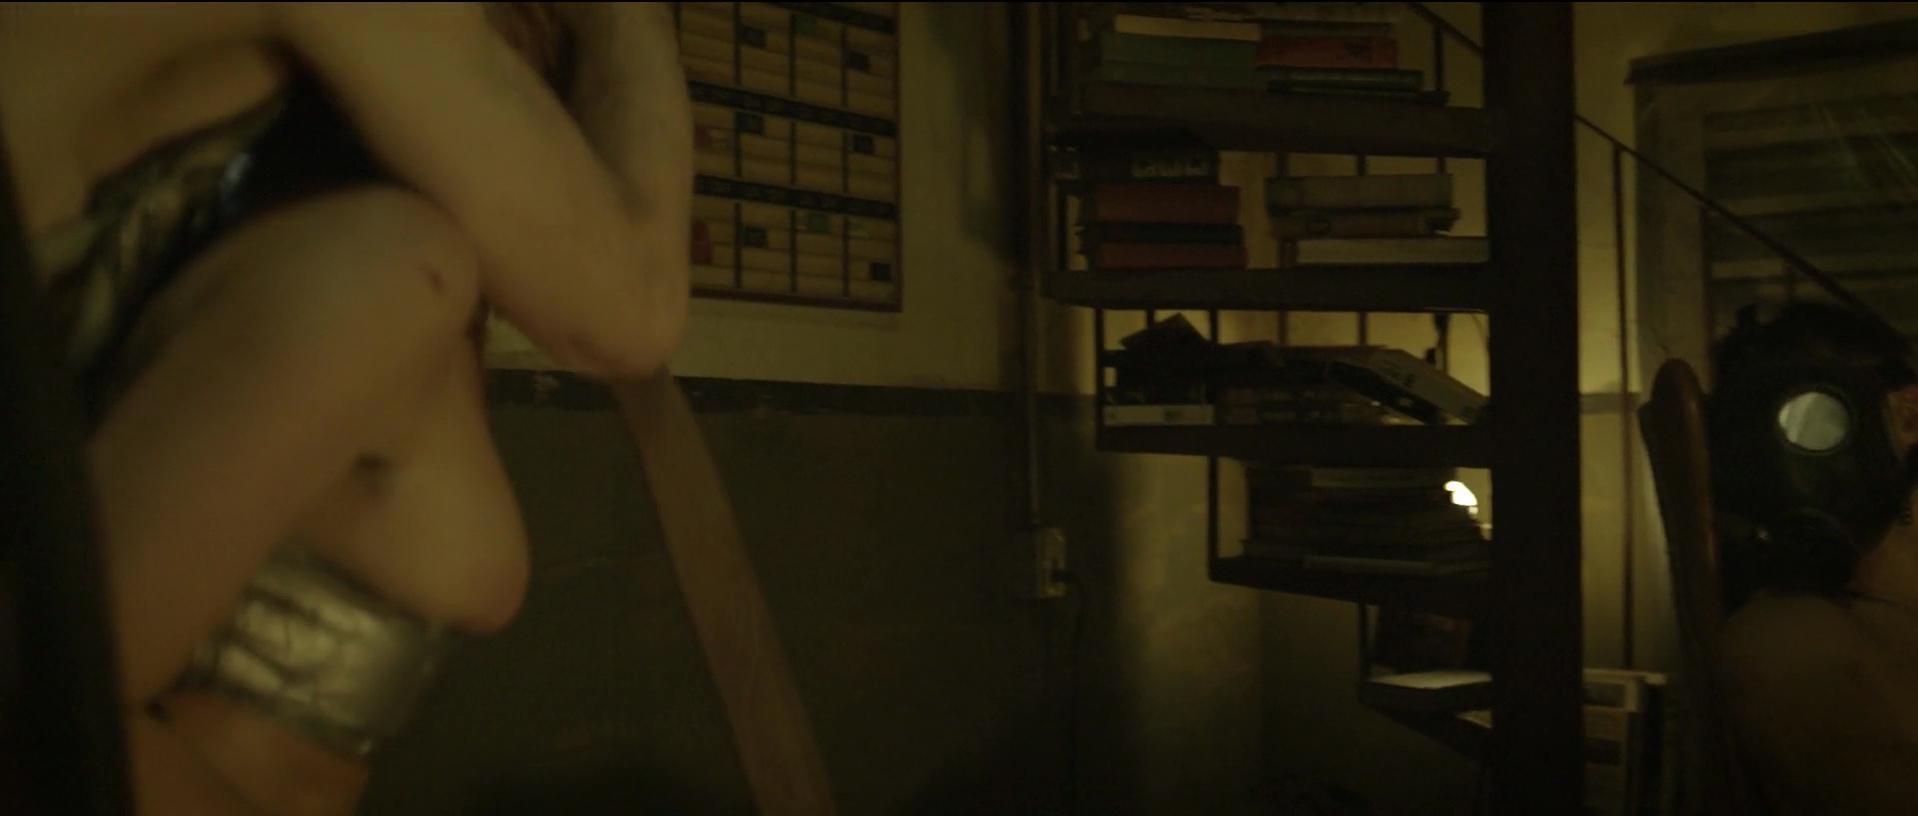 Rosanna Arquette sexy - The Divide (2011)